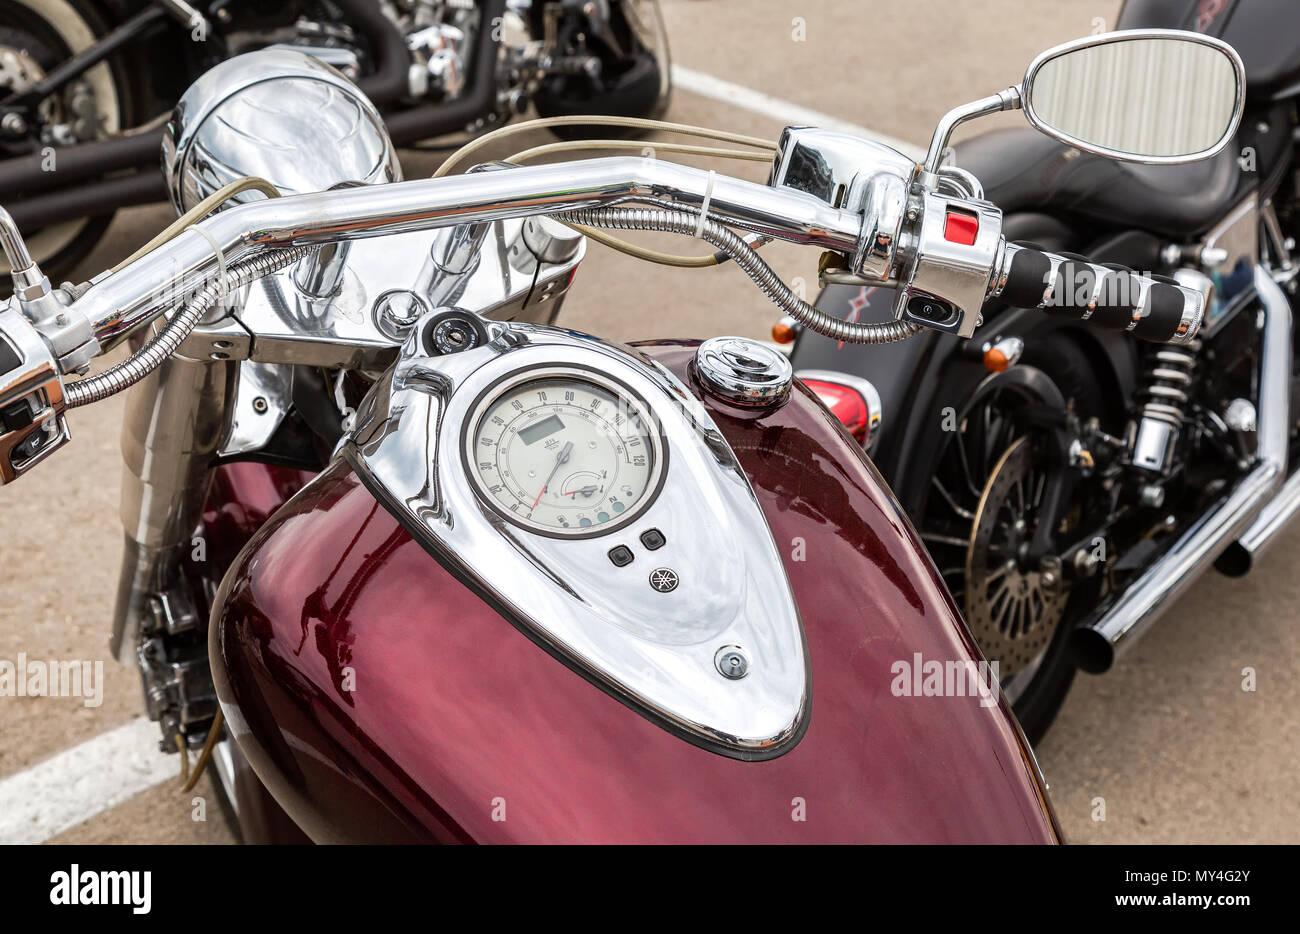 Samara, Russia - 19 Maggio 2018: il tachimetro e il serbatoio di carburante di un motociclo close-up Immagini Stock